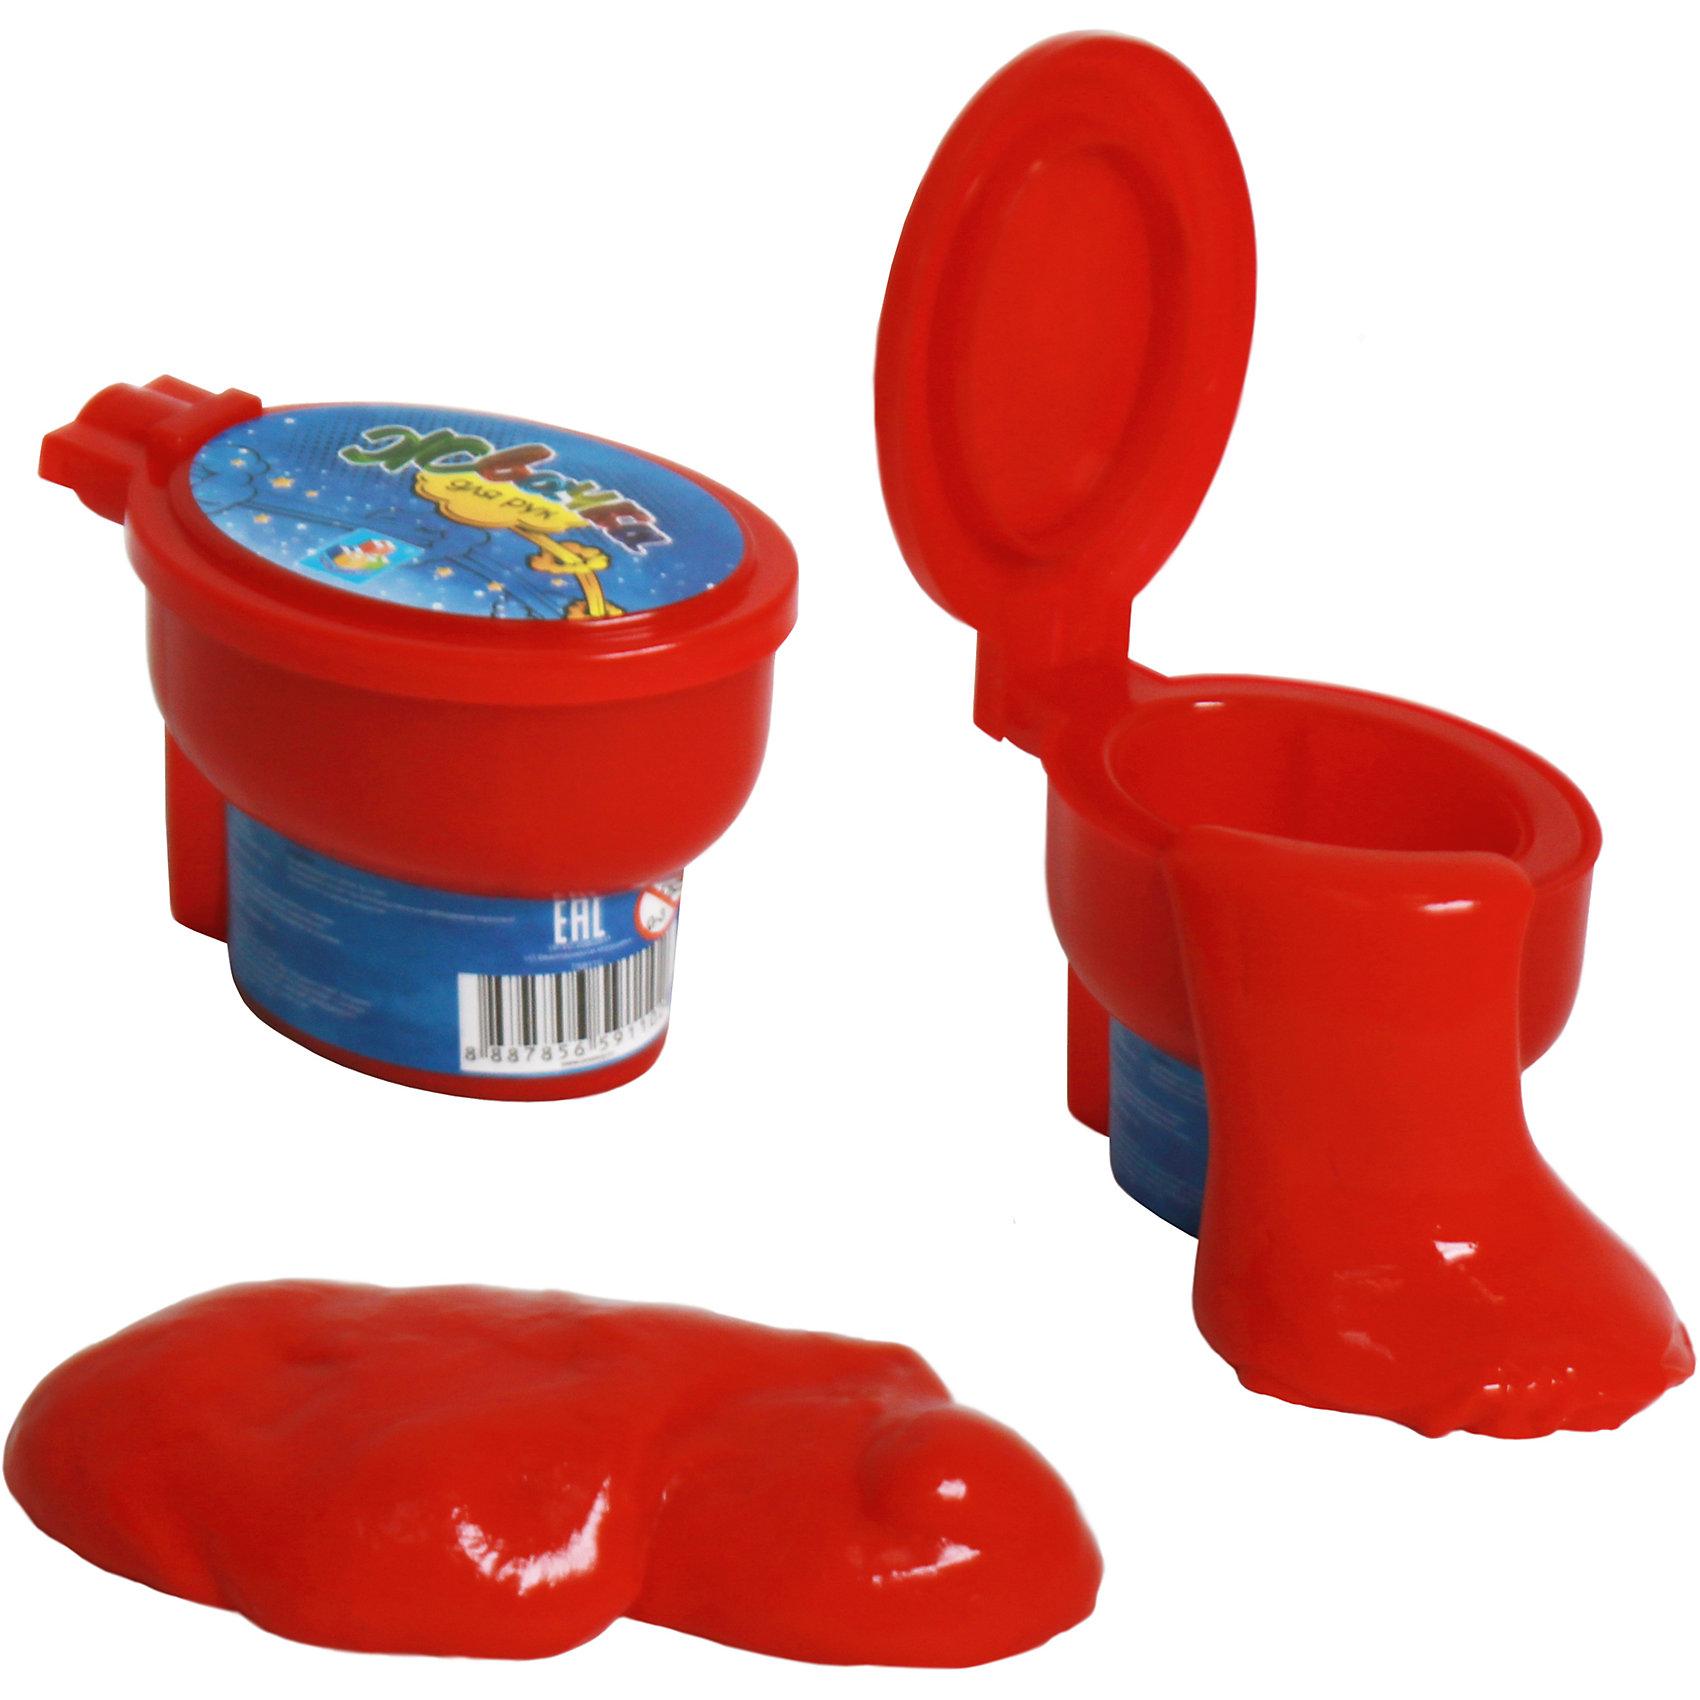 Жвачка для рук Мелкие пакости, издающая звуки, упаковка в виде туалета, 95гр, 1toyЖвачка для рук Мелкие пакости, издающая звуки, упаковка в виде туалета, 95гр, 1toy (1 той).<br><br>Характеристики:<br><br>• Материал: кремнийорганический полимер.<br>• Цвет: красный.<br><br>Жвачка для рук Мелкие пакости, пластичная игрушка на основе кремнийорганического полимера. Жвачка для рук внешне похожа на пластилин или жевательную резинку большого размера. Вещество нетоксично, не имеет ни запаха, ни вкуса, не прилипает к рукам и не пачкается. Жвачка для рук из серия игрушек Мелкие пакости, упакована в виде туалета, издает смешные звуки при попытке убрать жвачку обратно в упаковку.<br><br> Жвачку для рук Мелкие пакости, издающую звуки, упаковка в виде туалета, 95гр, 1toy (1 той), можно купить в нашем интернет – магазине.<br><br>Ширина мм: 100<br>Глубина мм: 65<br>Высота мм: 65<br>Вес г: 151<br>Возраст от месяцев: 36<br>Возраст до месяцев: 192<br>Пол: Унисекс<br>Возраст: Детский<br>SKU: 5154274